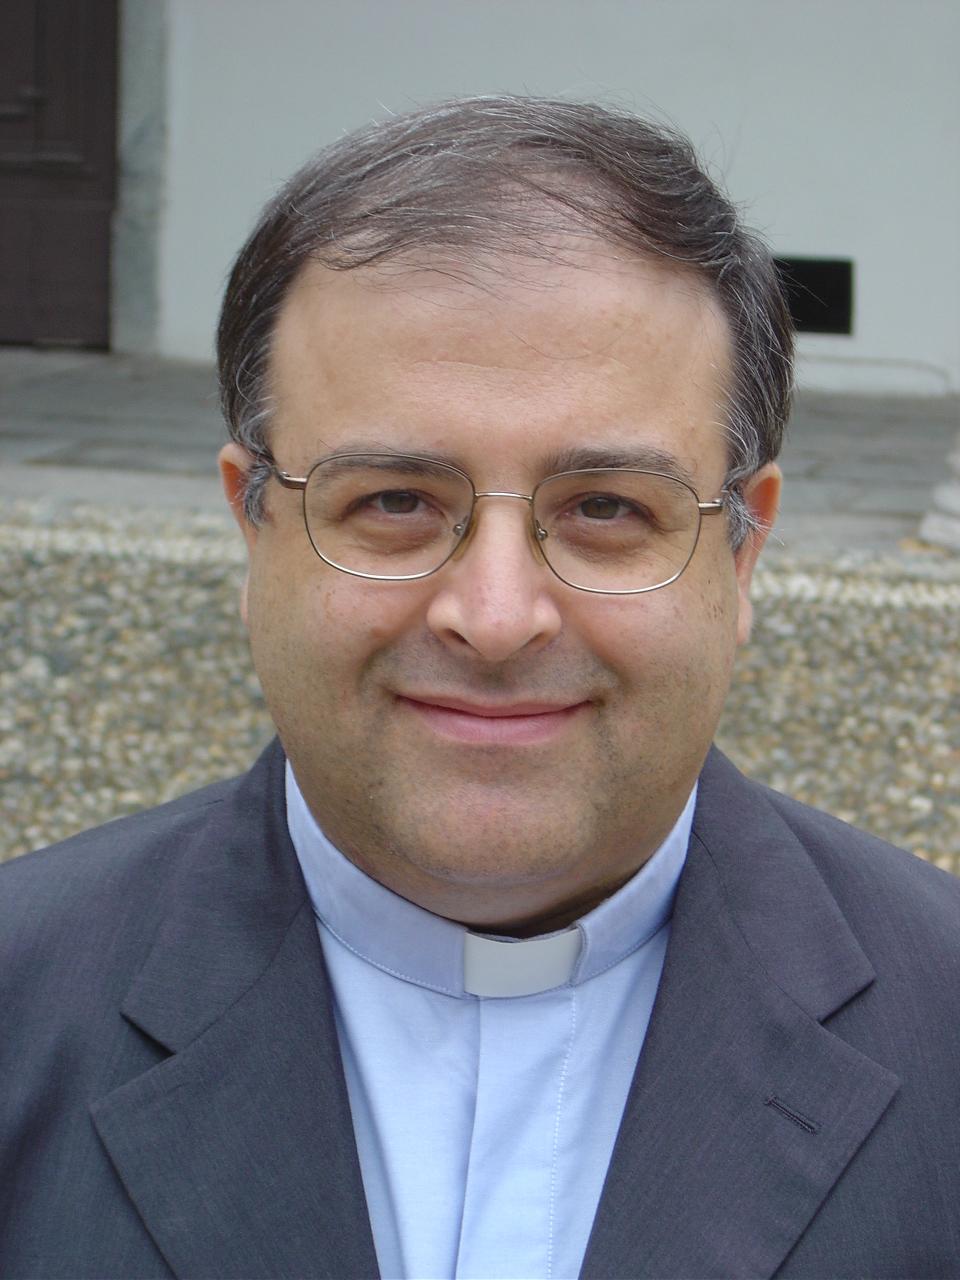 Lettera della Arcidiocesi sul nuovo incarico pastorale a don Pino